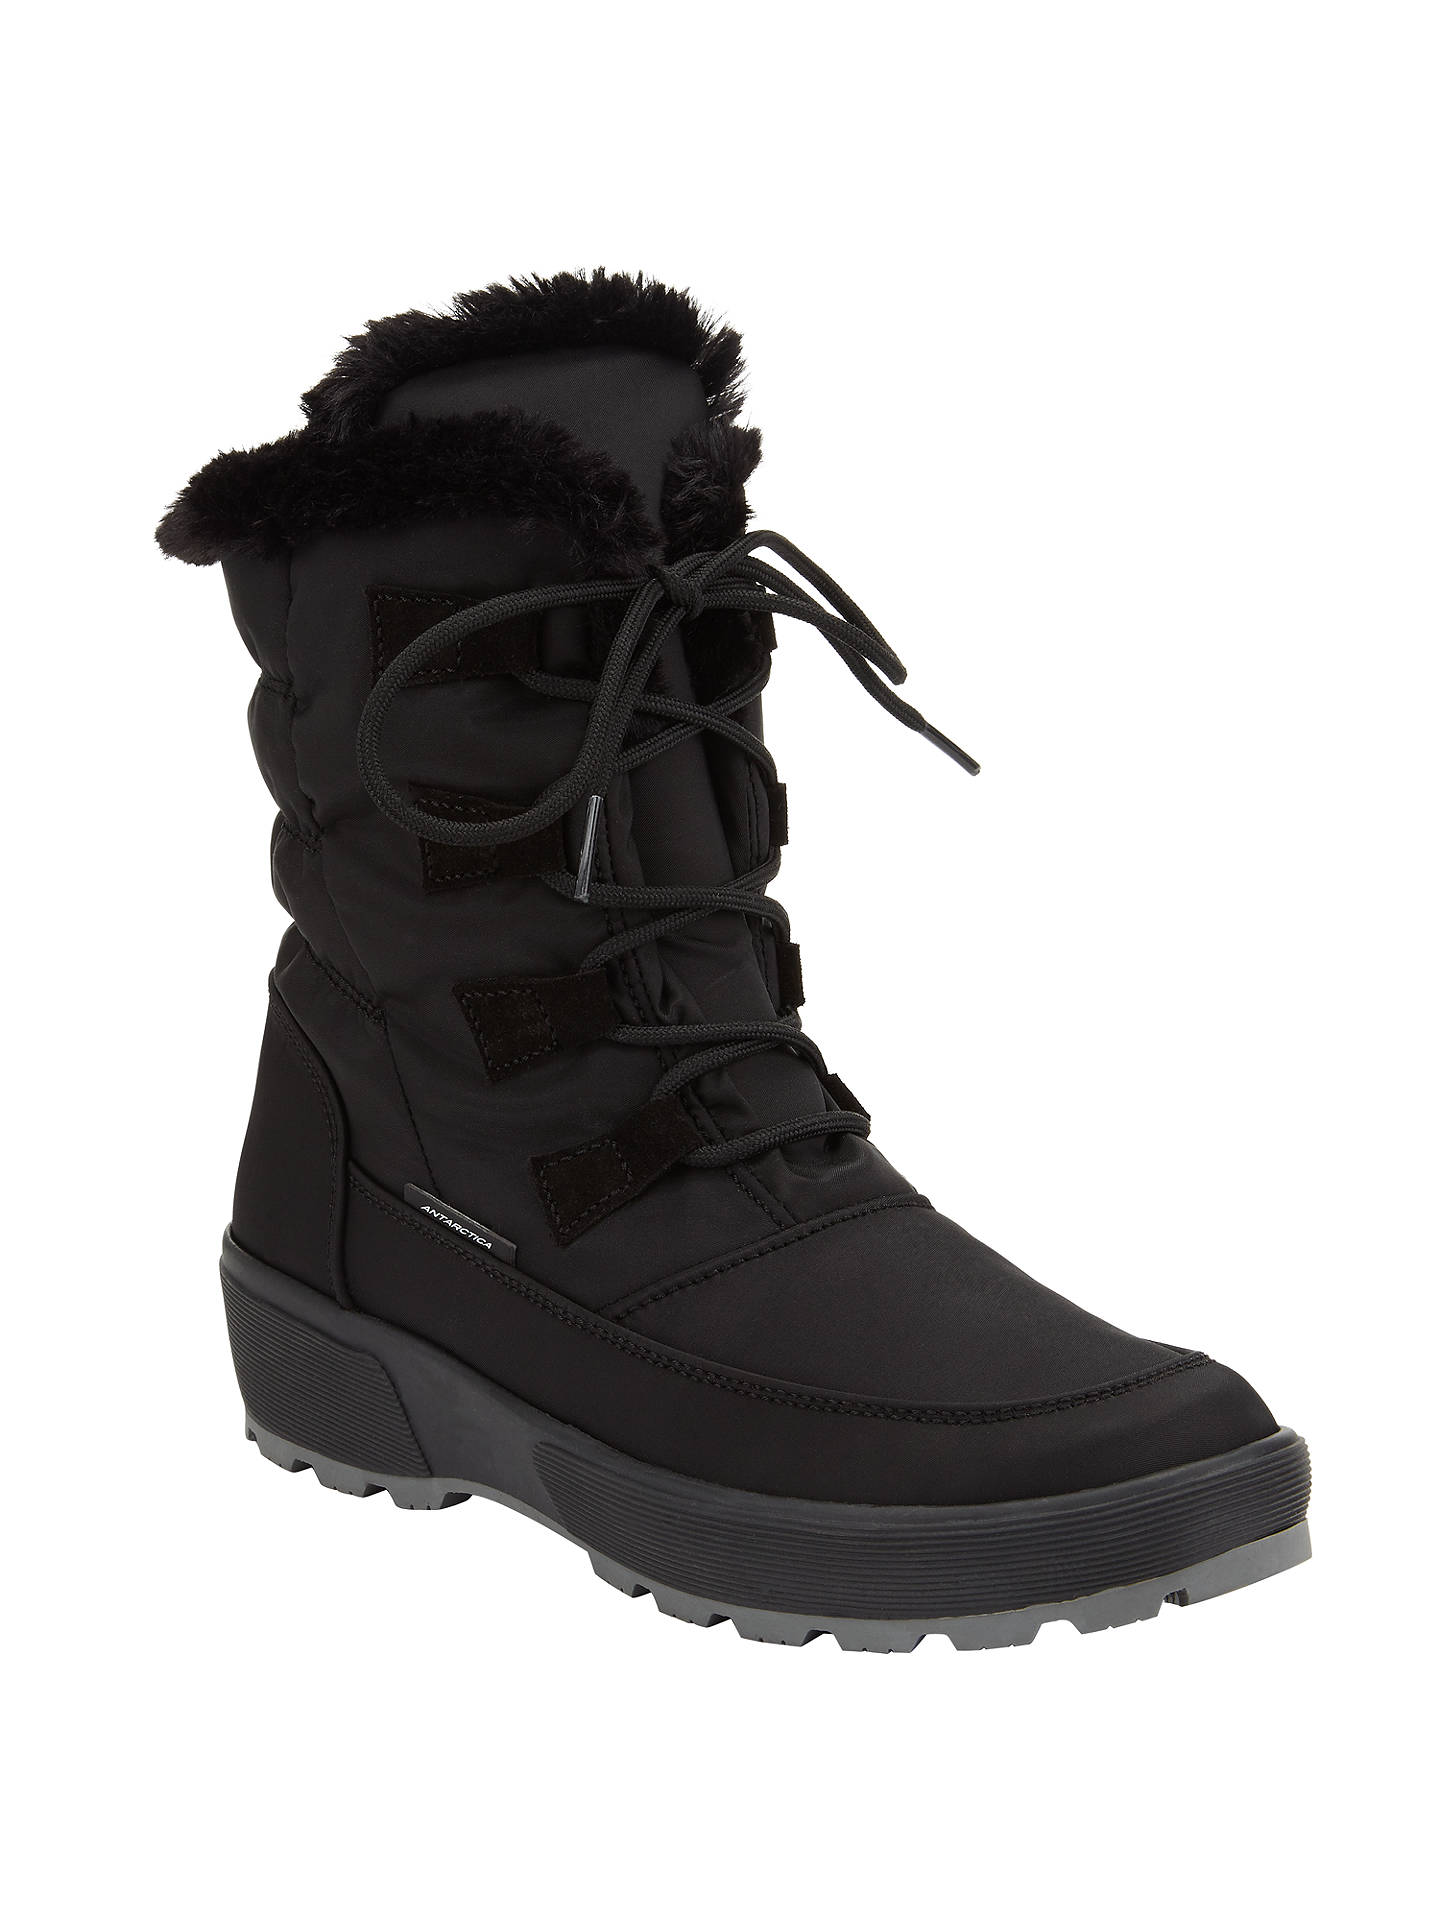 762e659e214 John Lewis Antarctica Water Repellent Snow Boots, Black at John ...